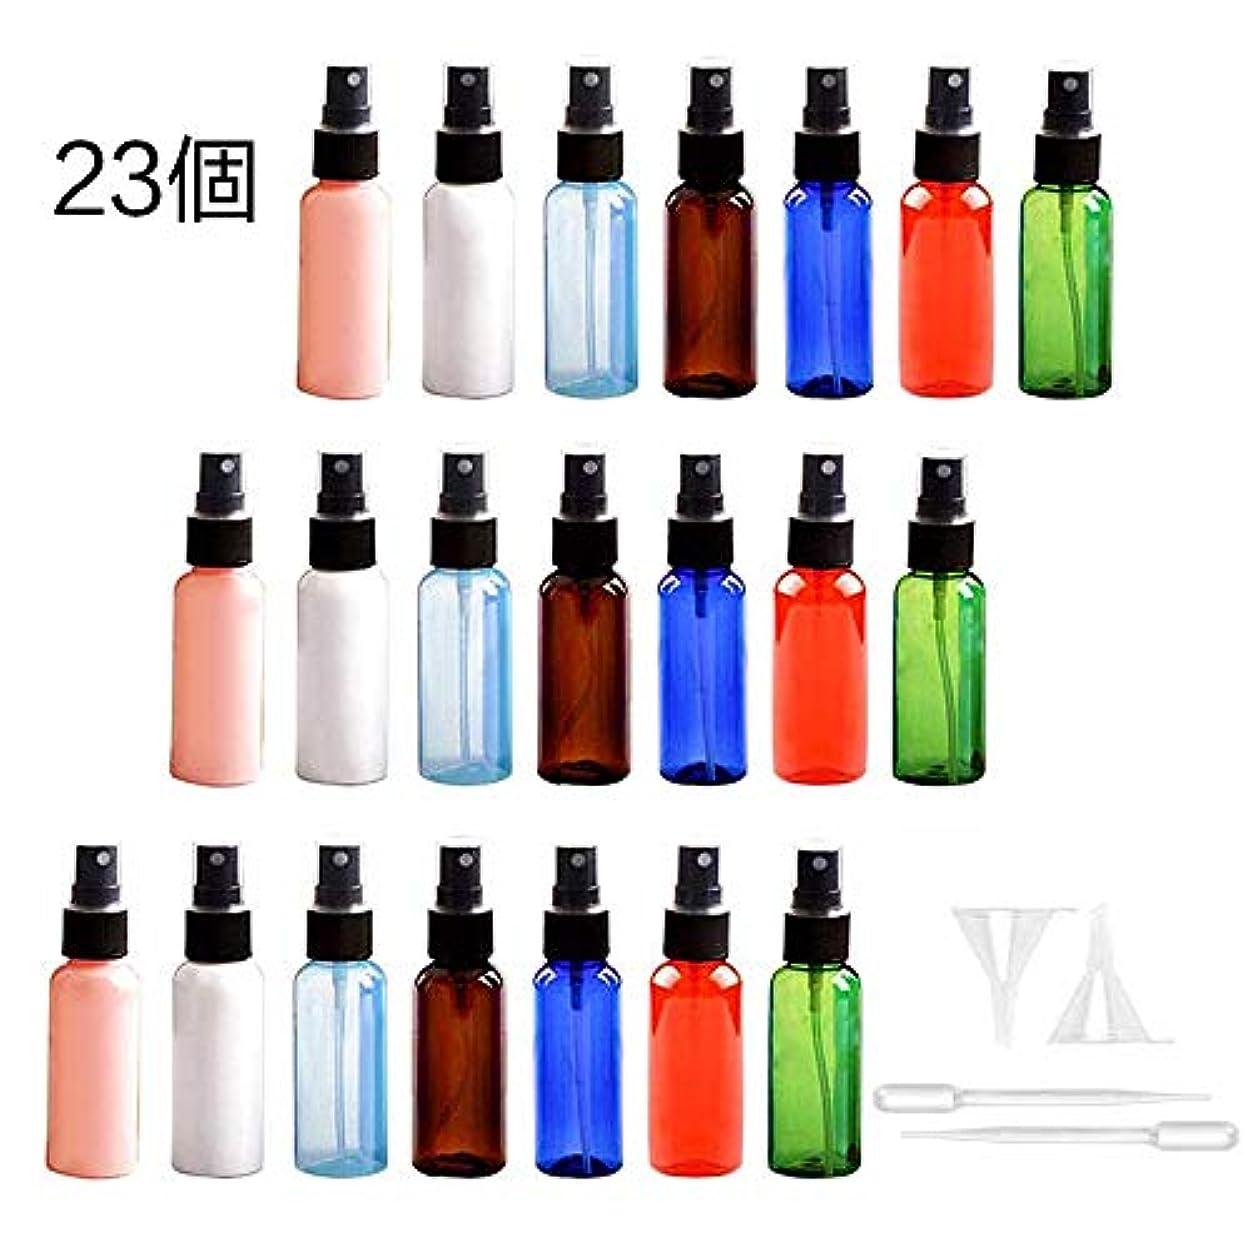 レーニン主義気分が悪い肩をすくめるスプレーボトル 21本セット 詰替ボトル 遮光 空容器 霧吹き30ML 遮光瓶スプレーキャップ付 プラスチック製